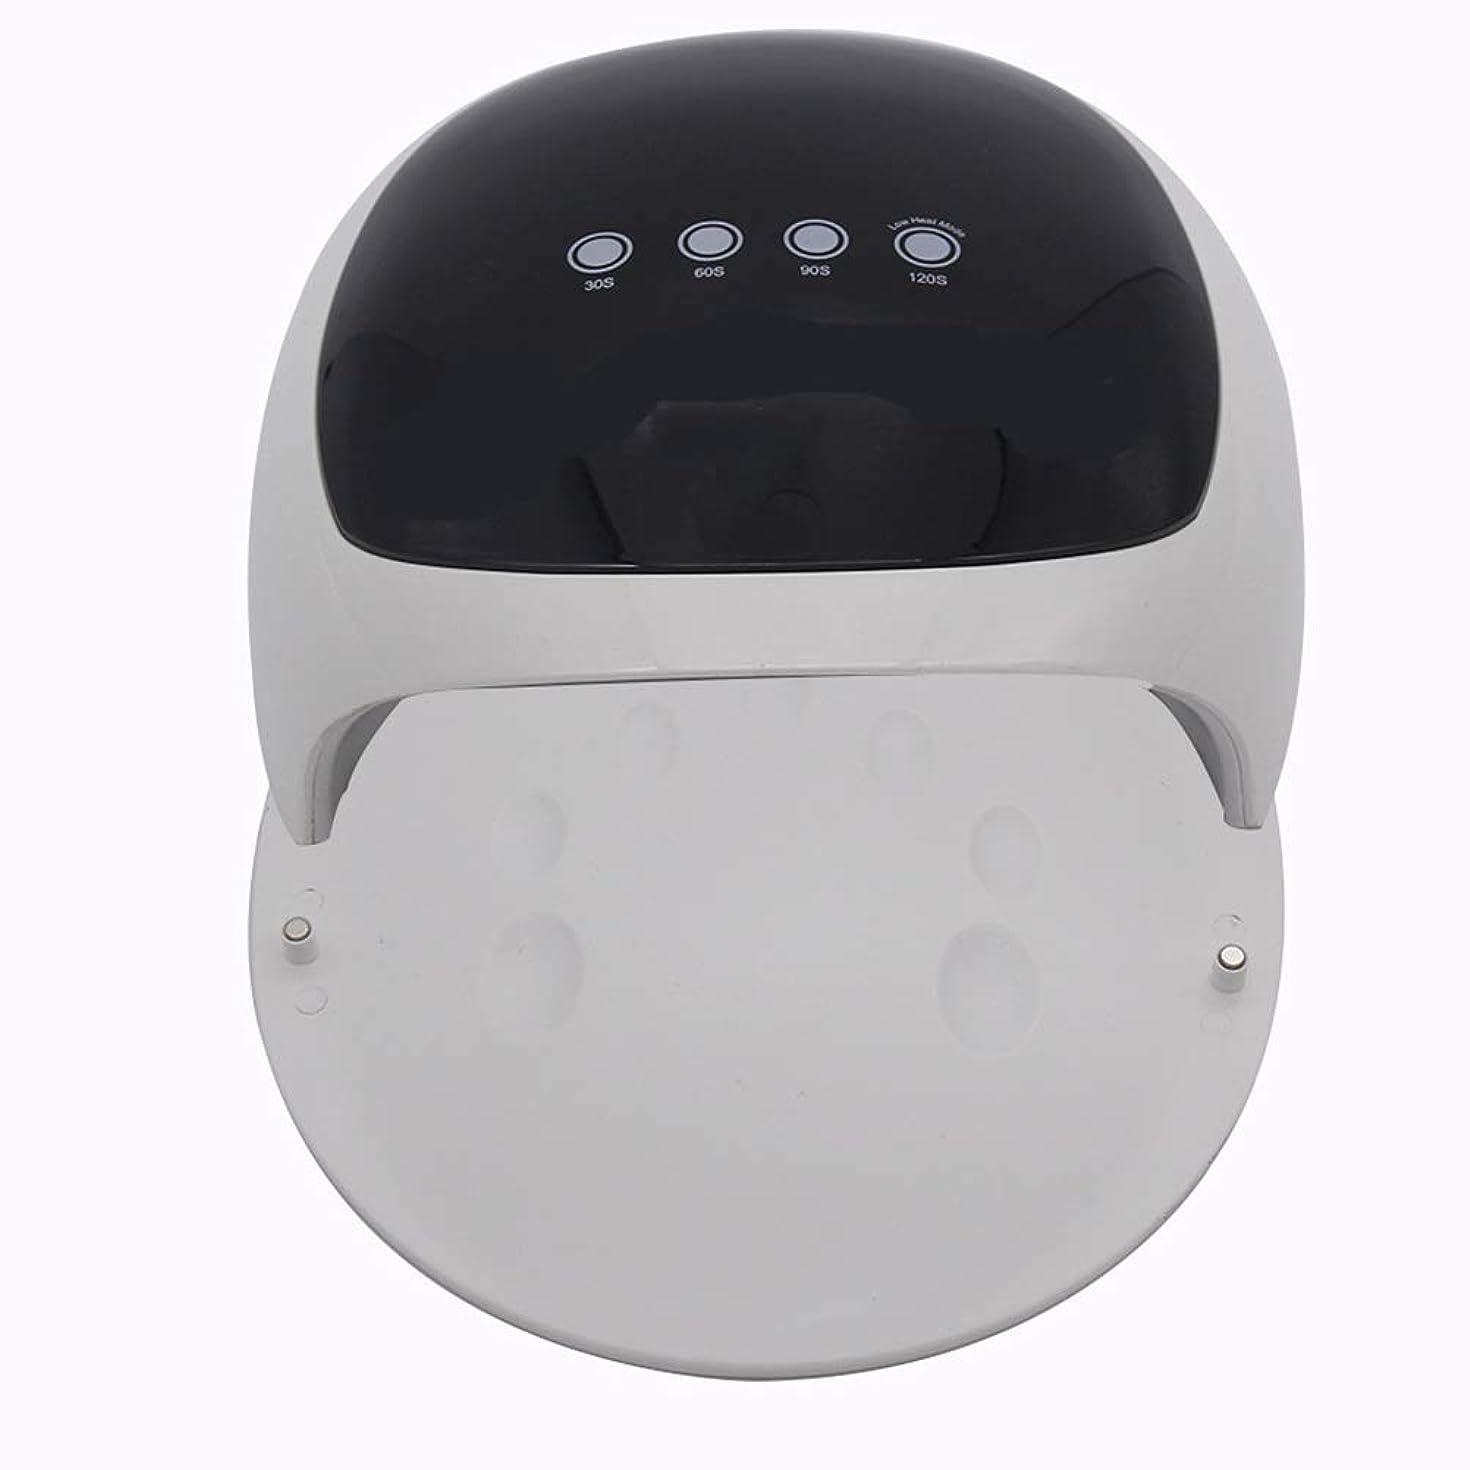 ネイル光線療法機 ネイルドライヤー - 48WハイパワーネイルランプUV / LEDスマートセンサーワンボタンタイミングネイルゲル硬化ネイルドライヤー (色 : 白)